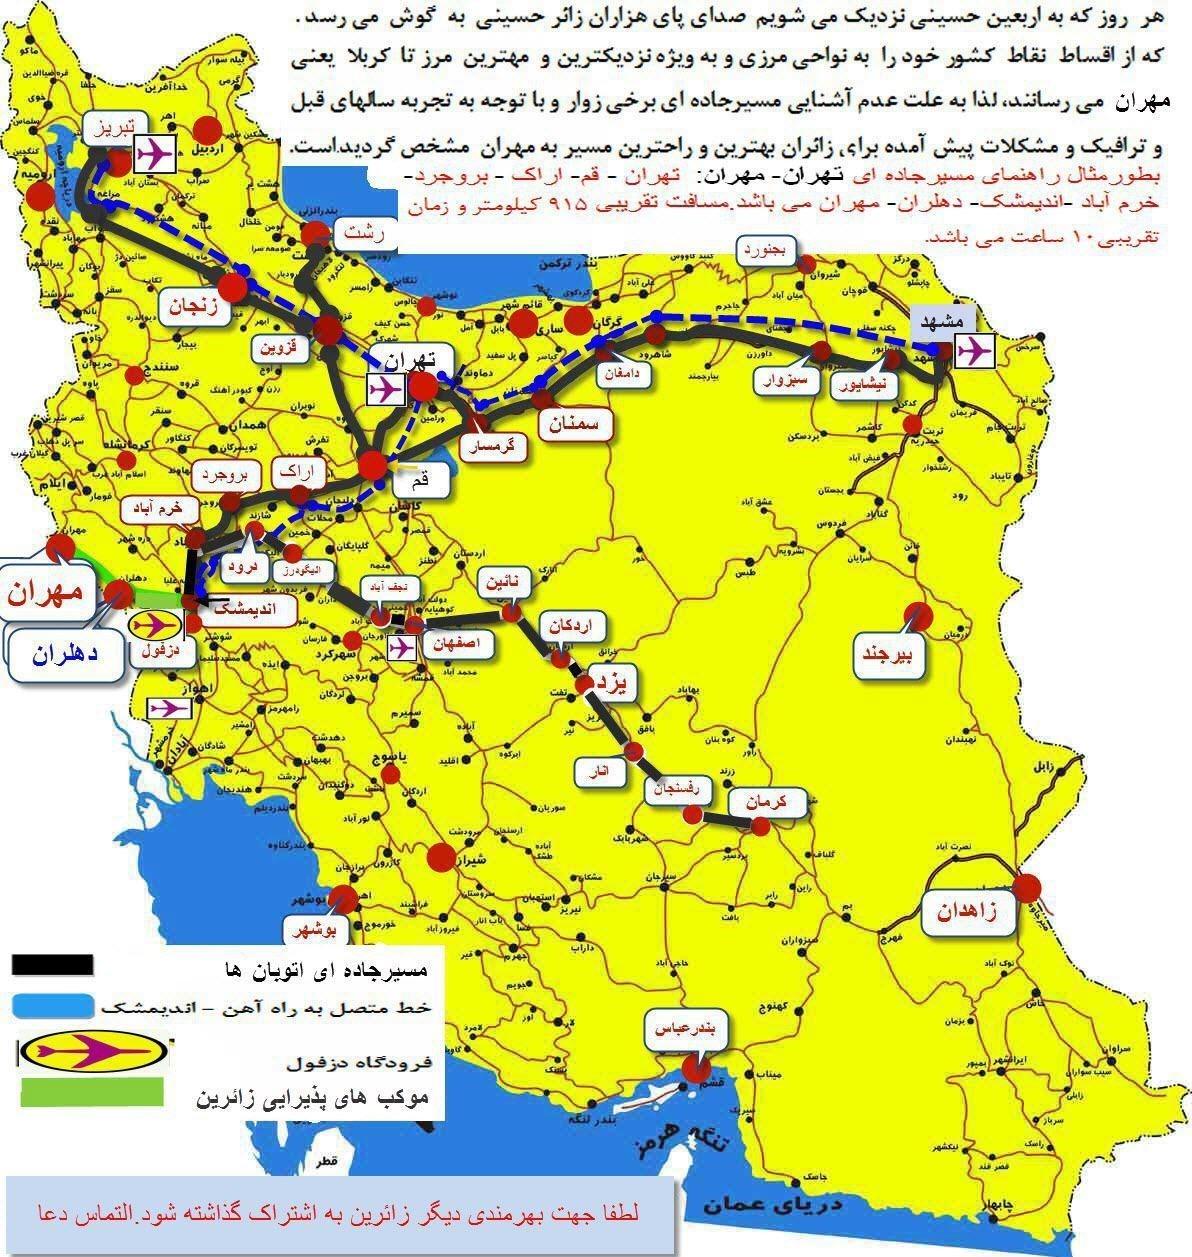 کانال بوشهر خبرگزاری تسنیم - محور شهرستان دهلران بهترین مسیر برای ...